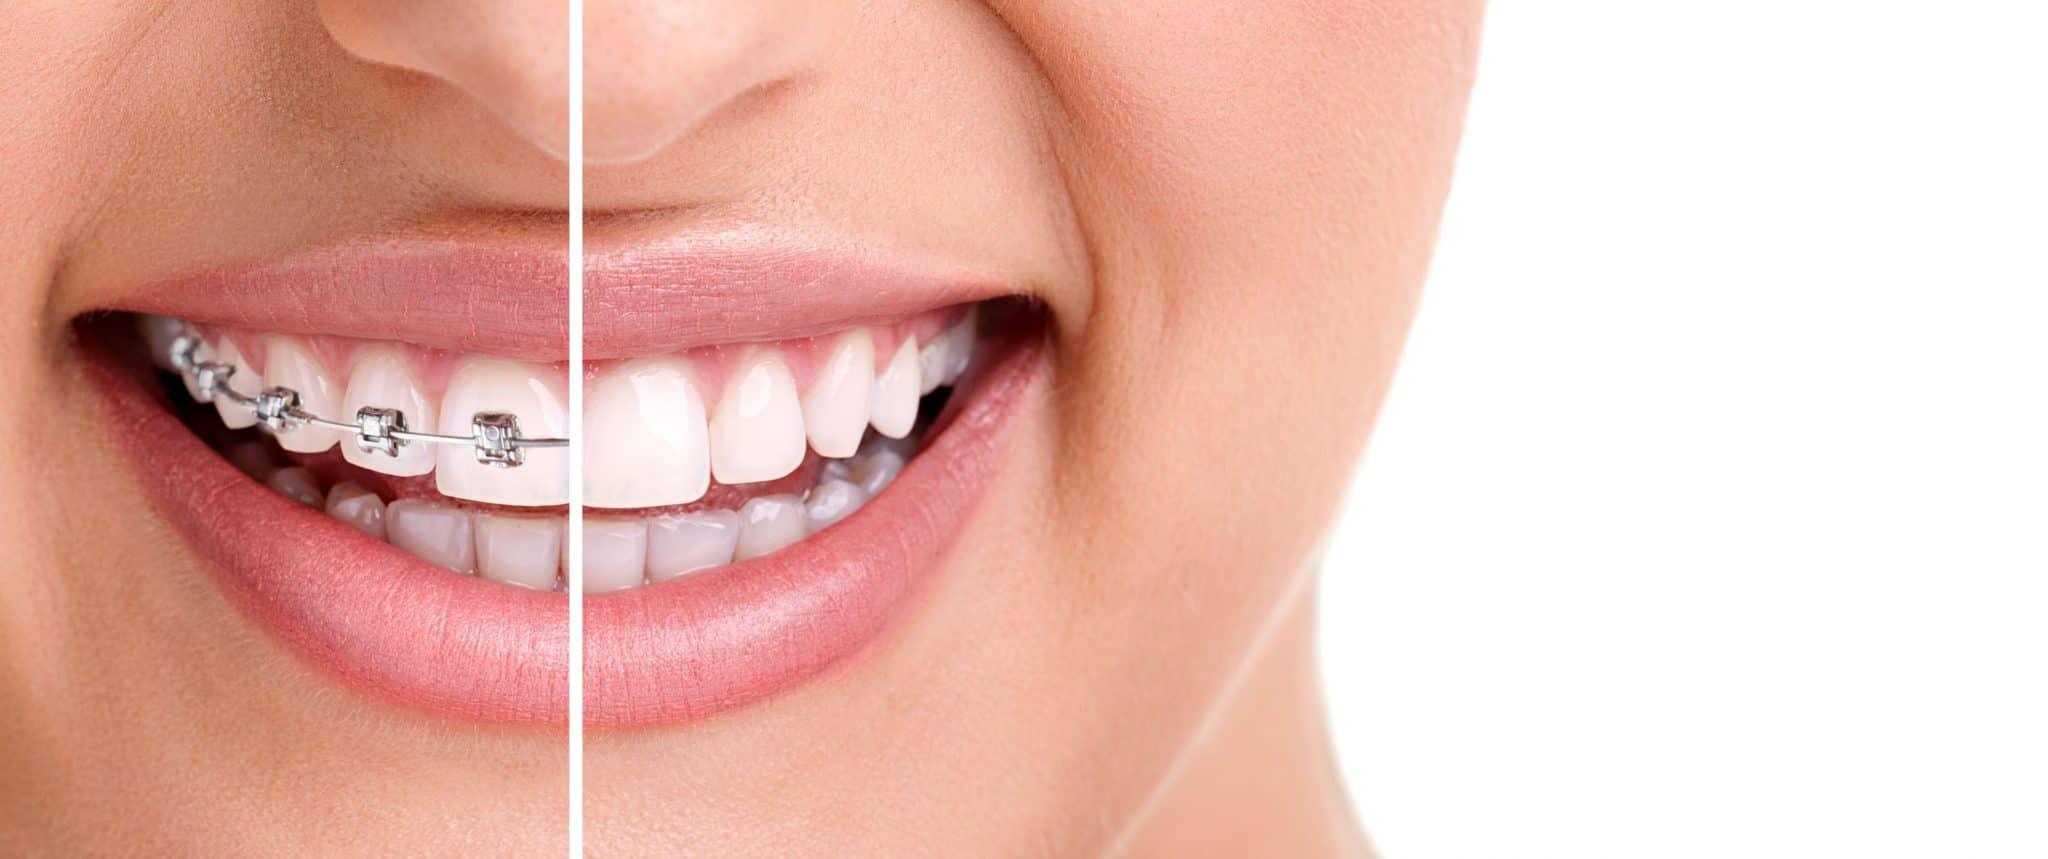 Apparecchio Invisalign o ortodontico: qual è meglio per il tuo sorriso?